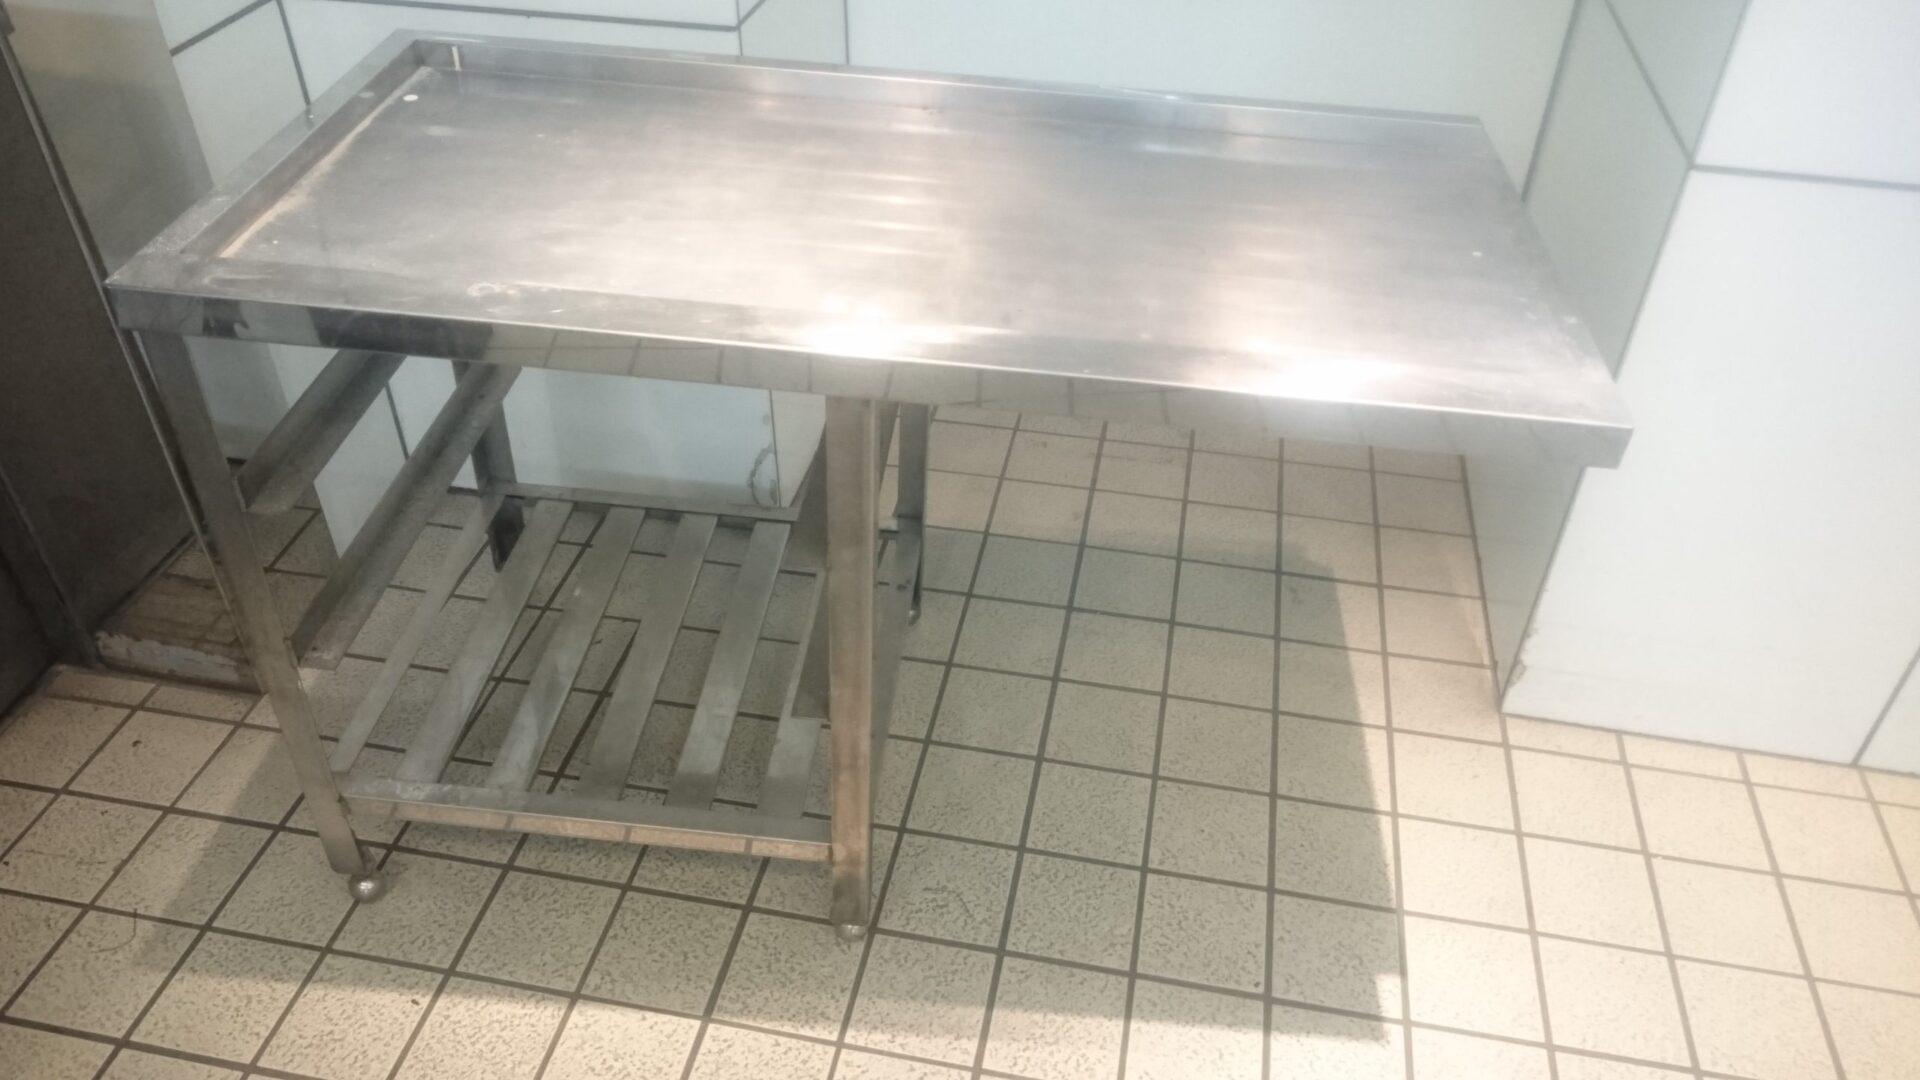 【愛知県名古屋市中区】飲食店で不要になった厨房機器(ステンレス台)の処分